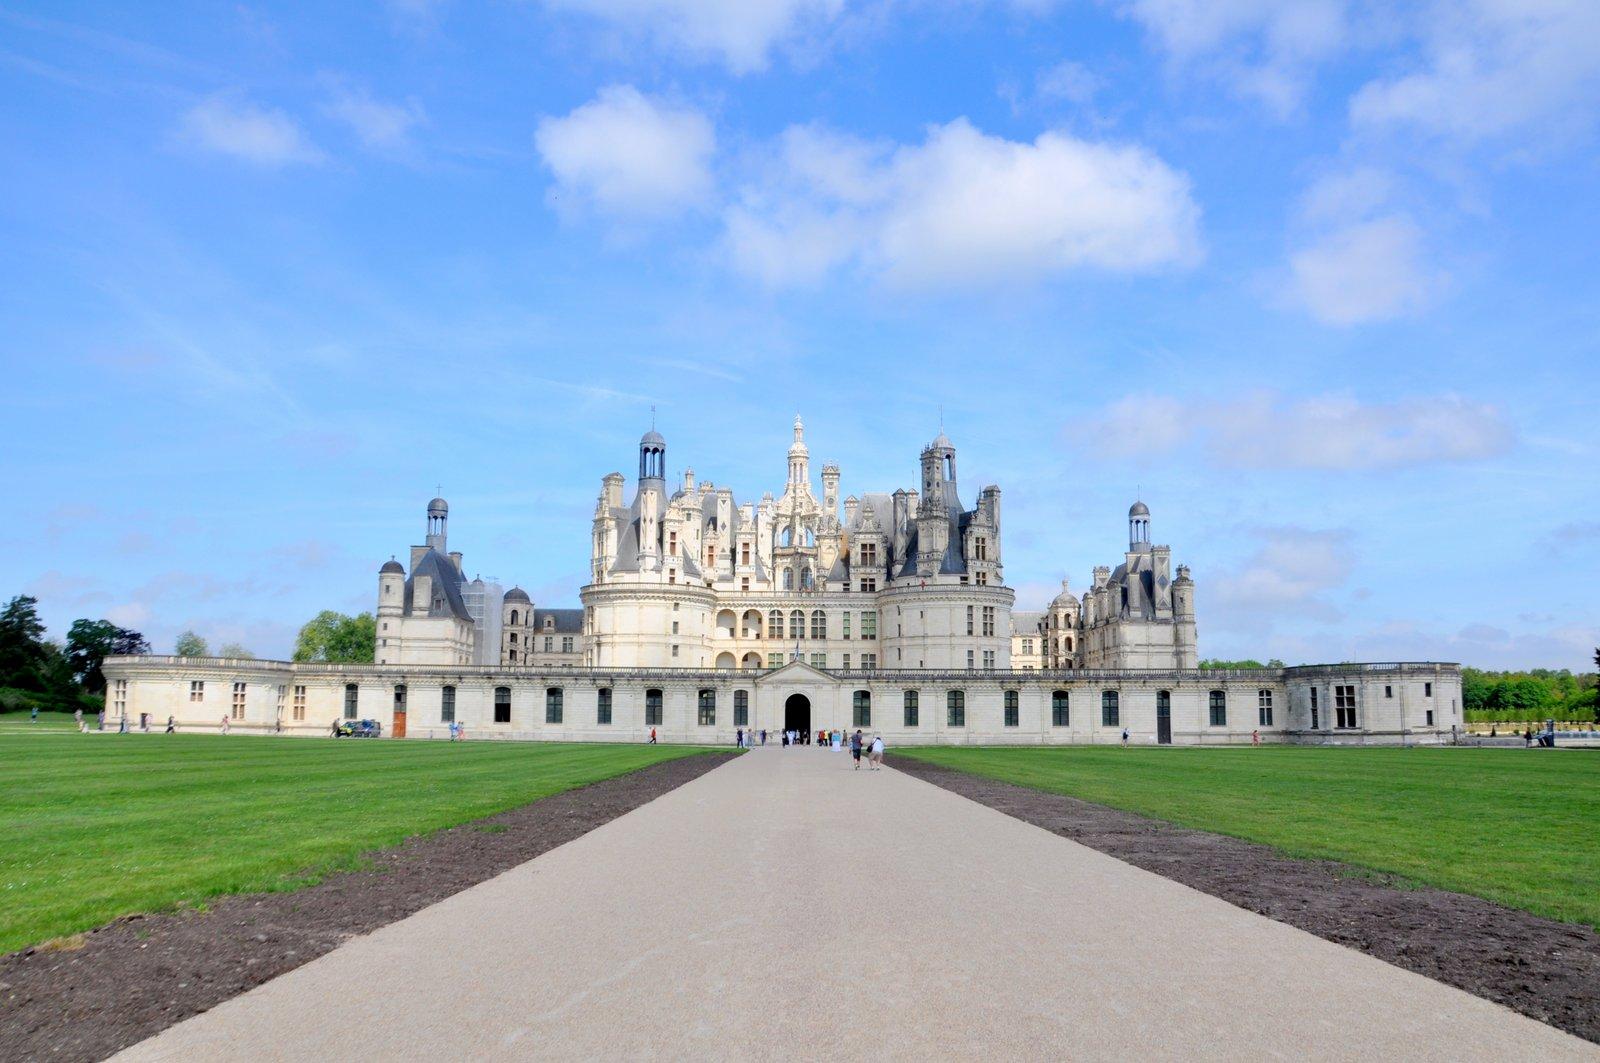 Visiter Les Chateaux De La Loire Cest Un Des Grands Classiques Du Voyage En France Jy Avais Ete Plusieurs Fois Etant Enfant Et Jeune Adulte